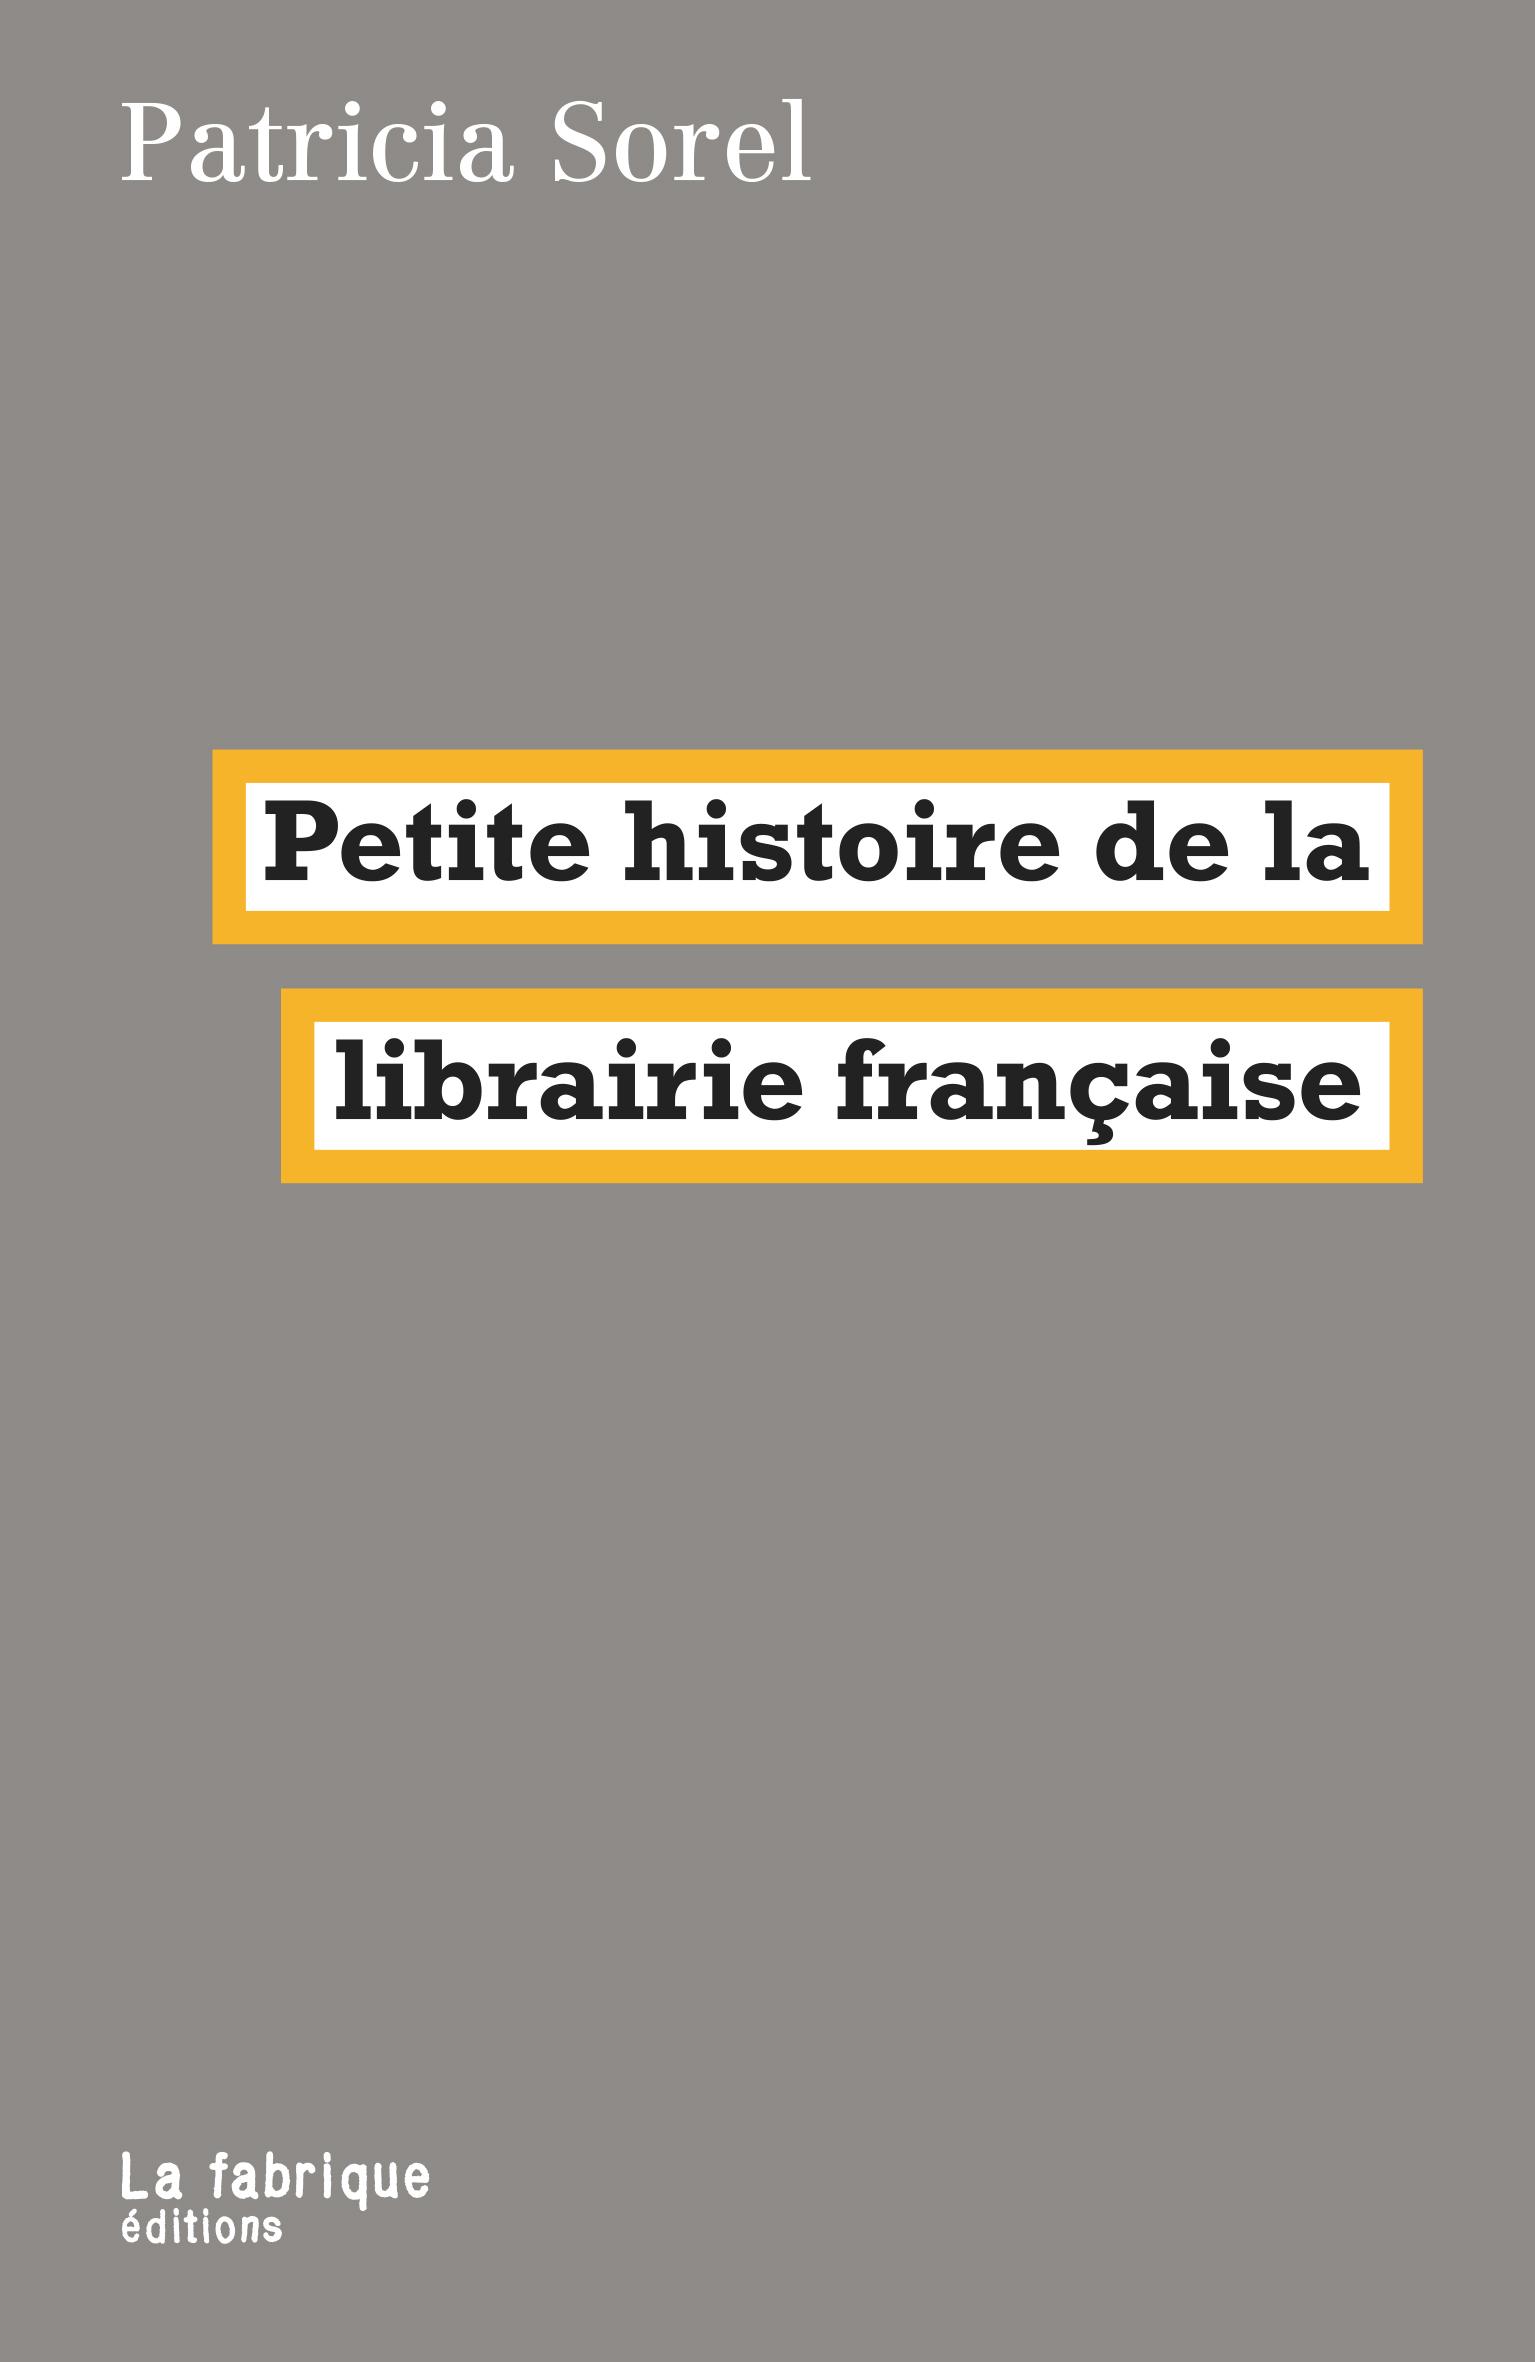 P. Sorel, Petite histoire de la librairie française